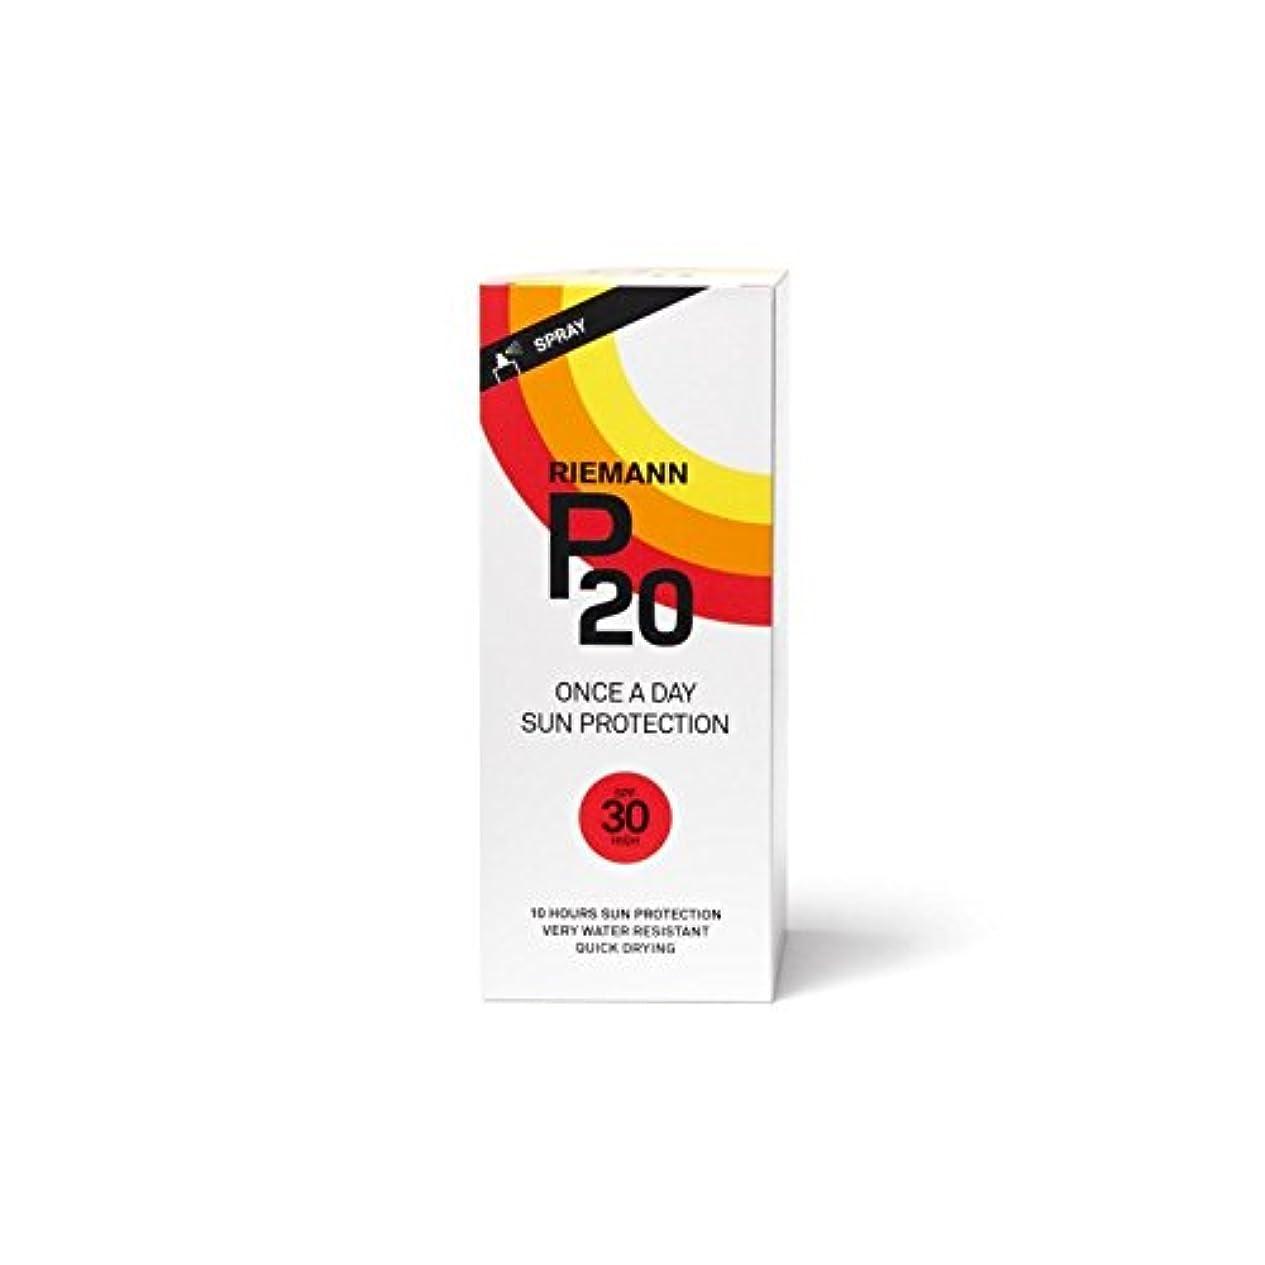 コンパニオンフィラデルフィア哲学Riemann P20 Sun Filter 200ml SPF30 (Pack of 6) - リーマン20のサンフィルター200ミリリットル30 x6 [並行輸入品]